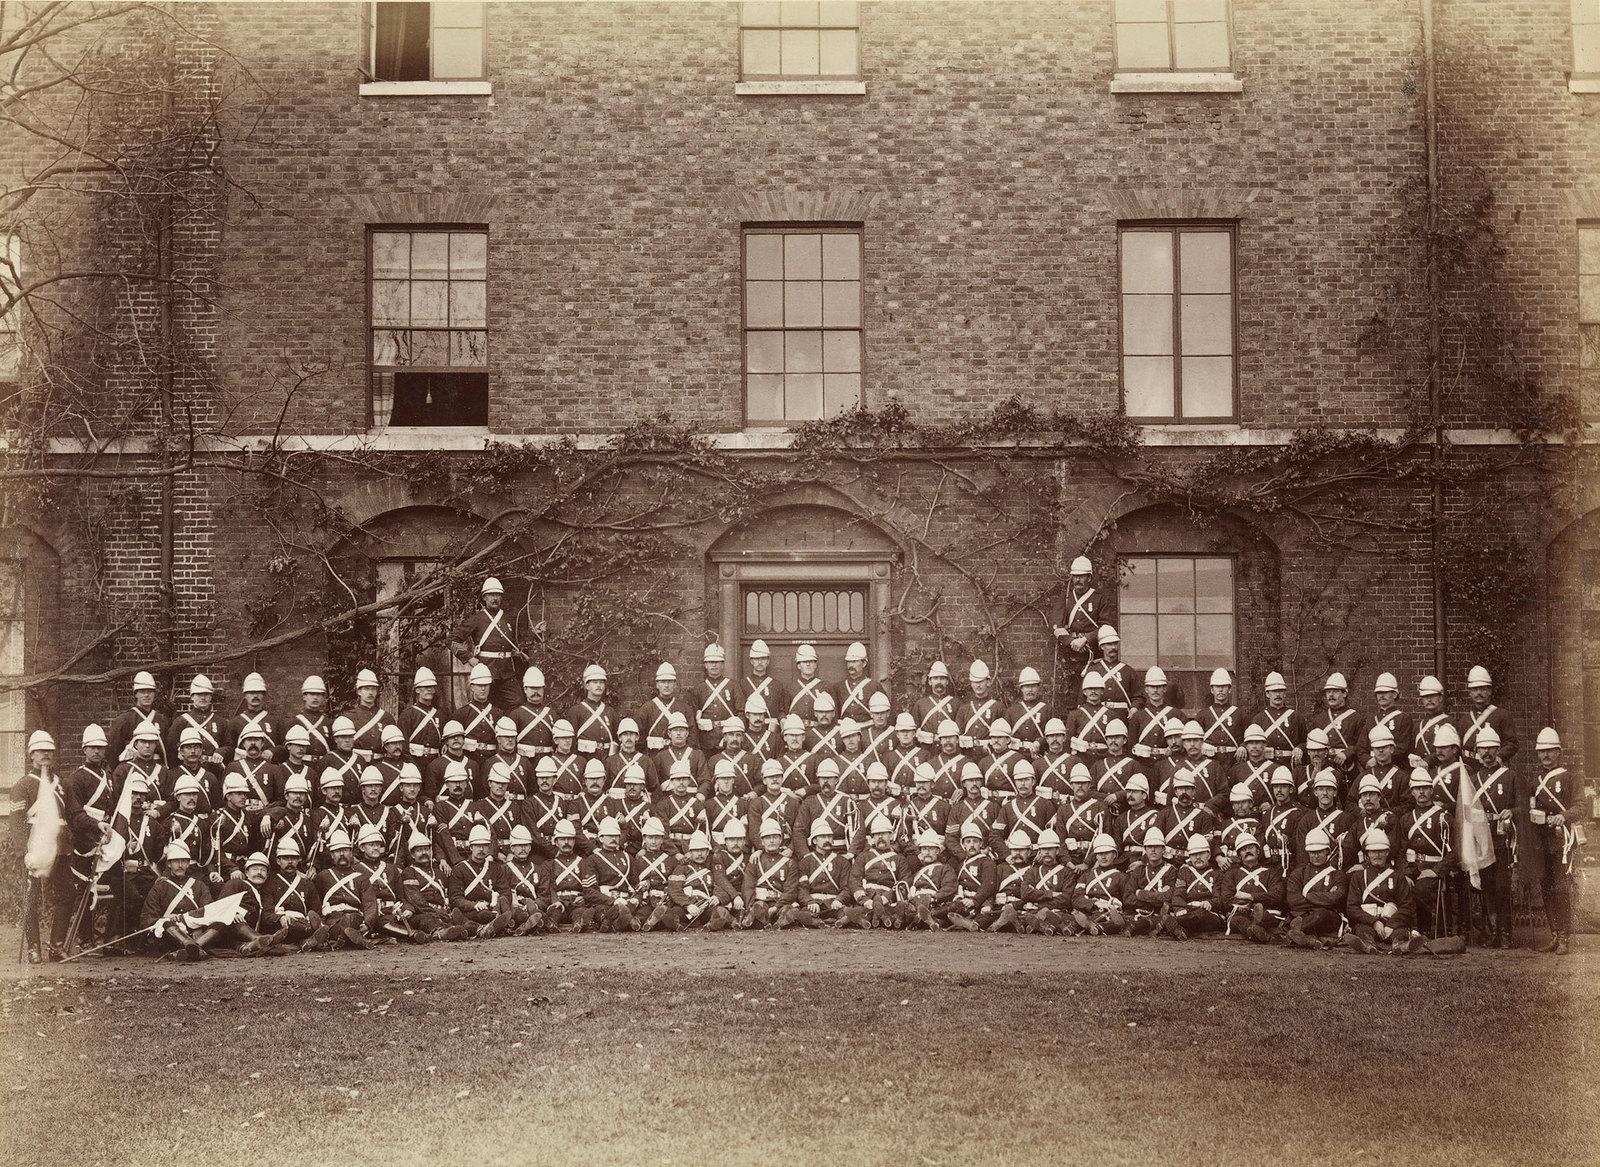 32. Эскадрон 2-го полка лейб-гвардии, служившего в англо-египетской войне